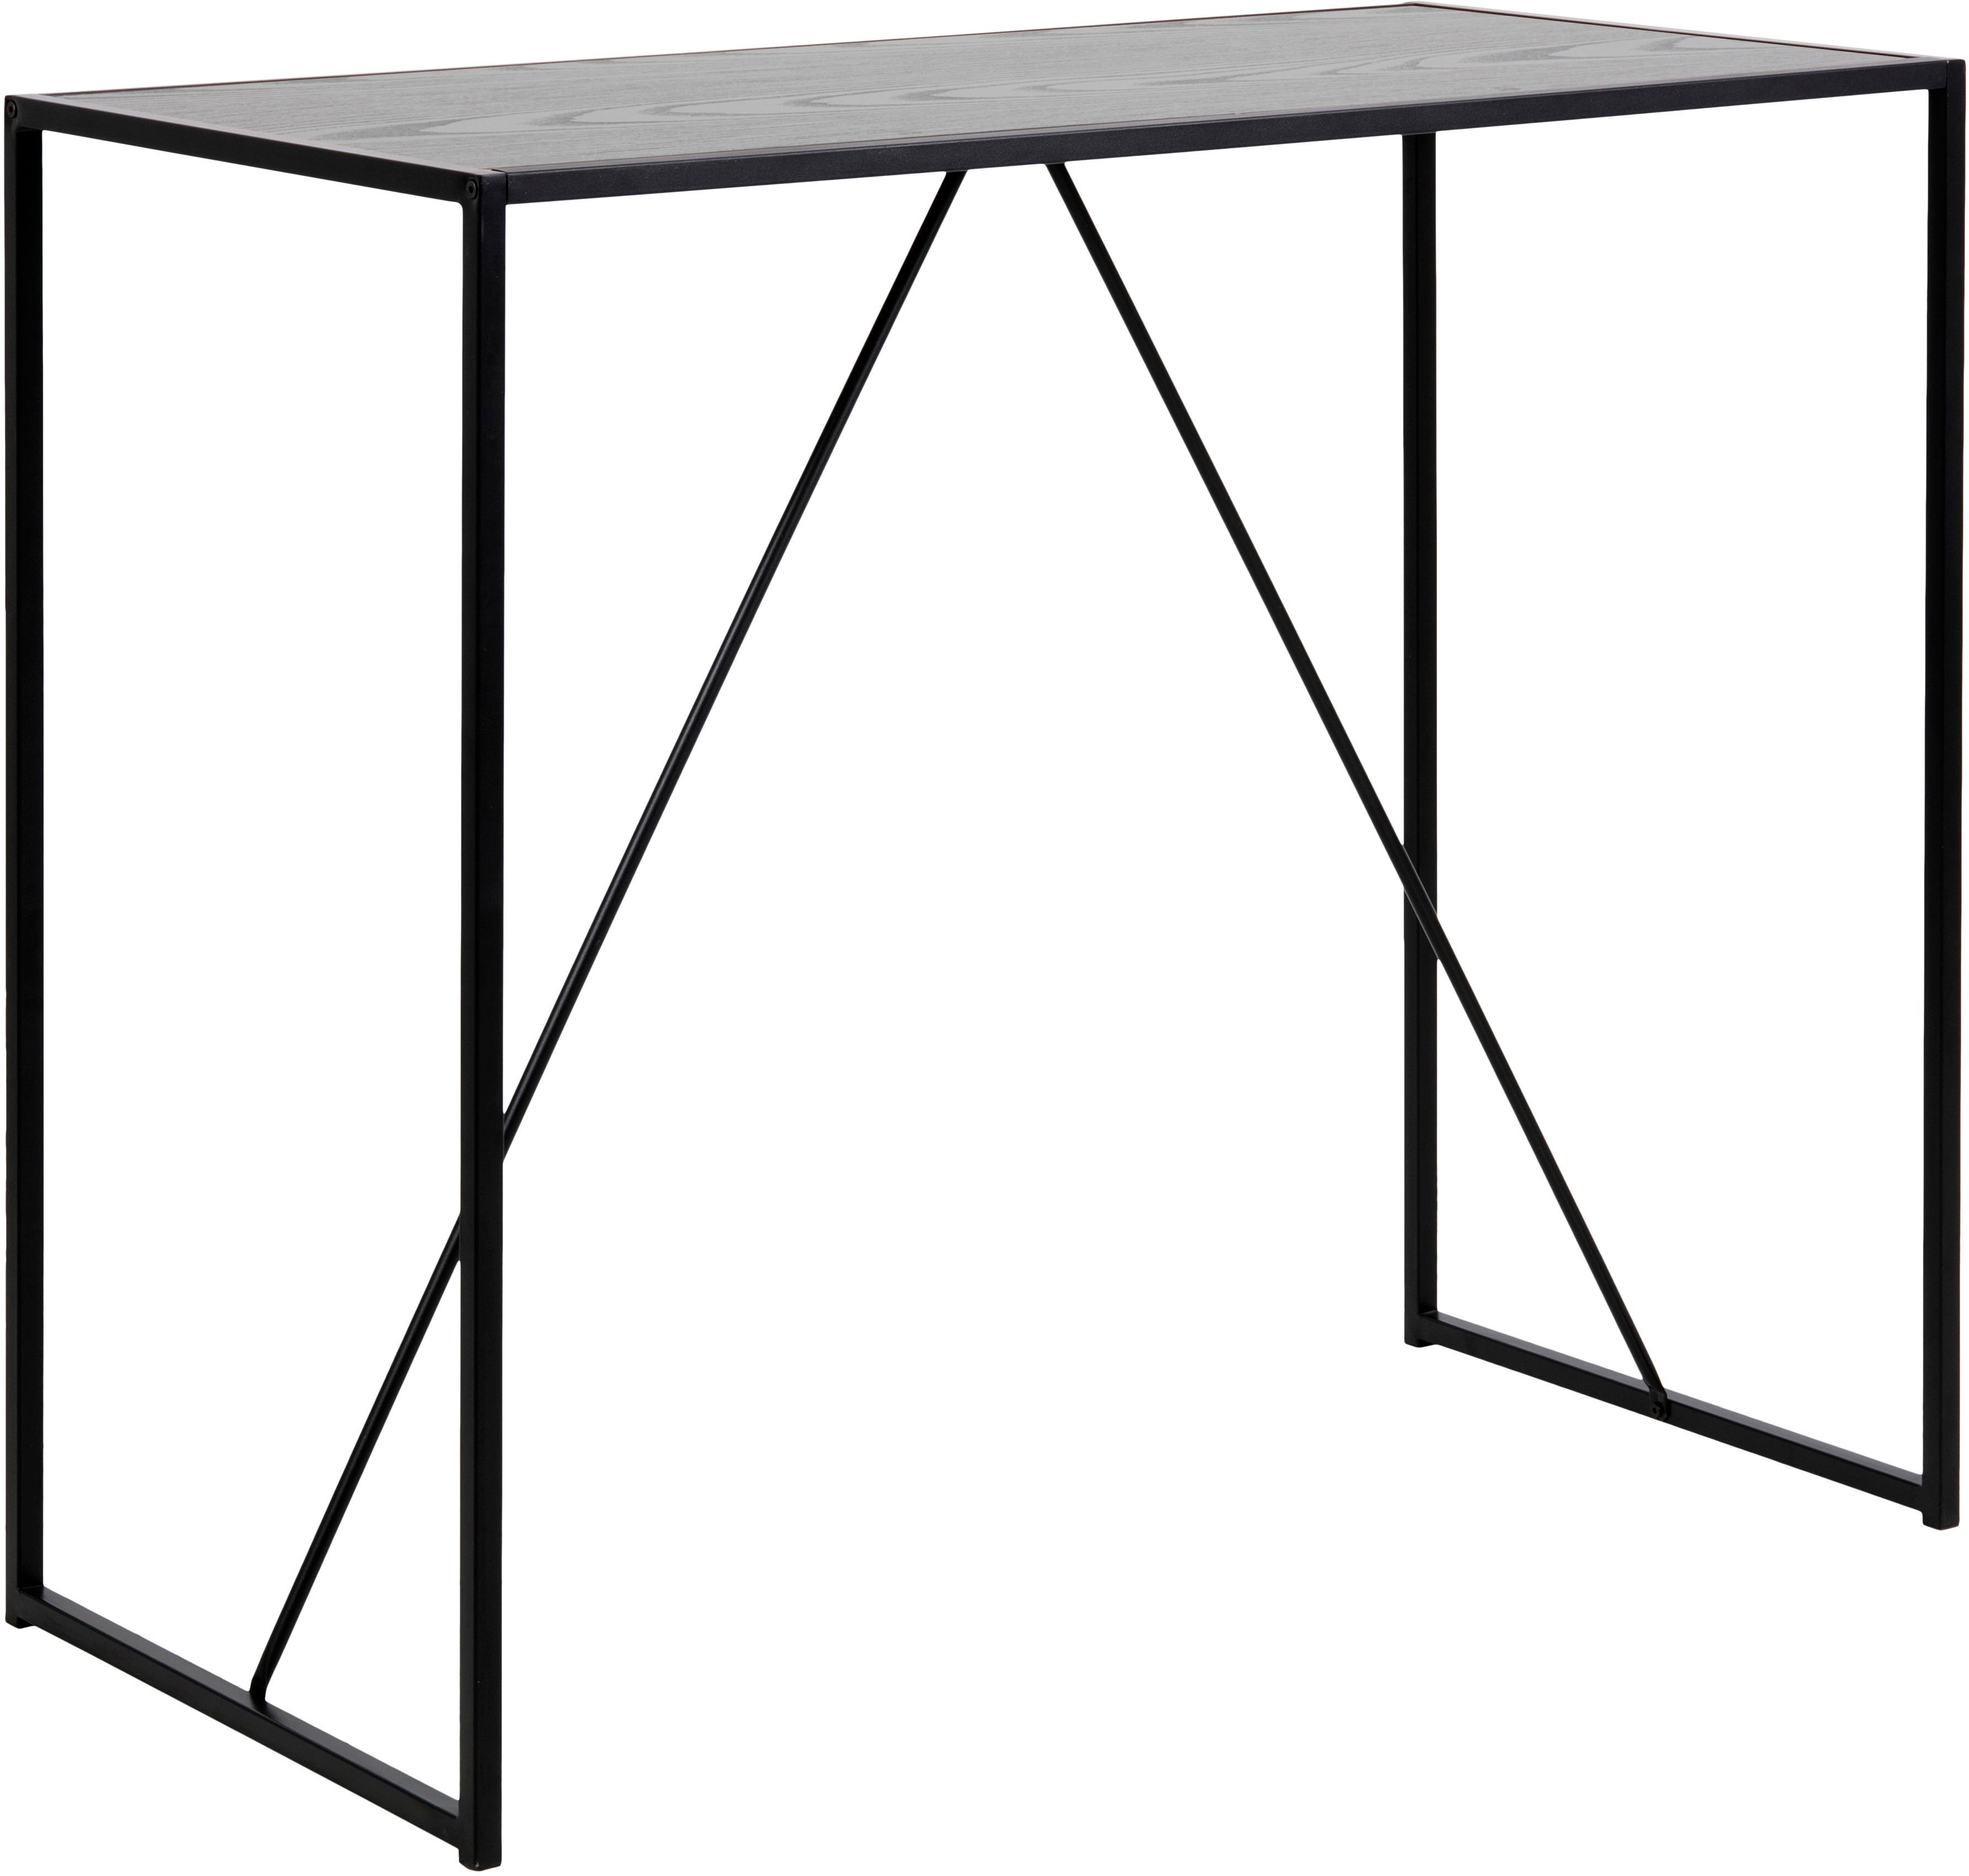 Bartafel Seaford van hout en metaal, Metaal, Melamine, essenhout, Zwart, B 120 x D 60 cm